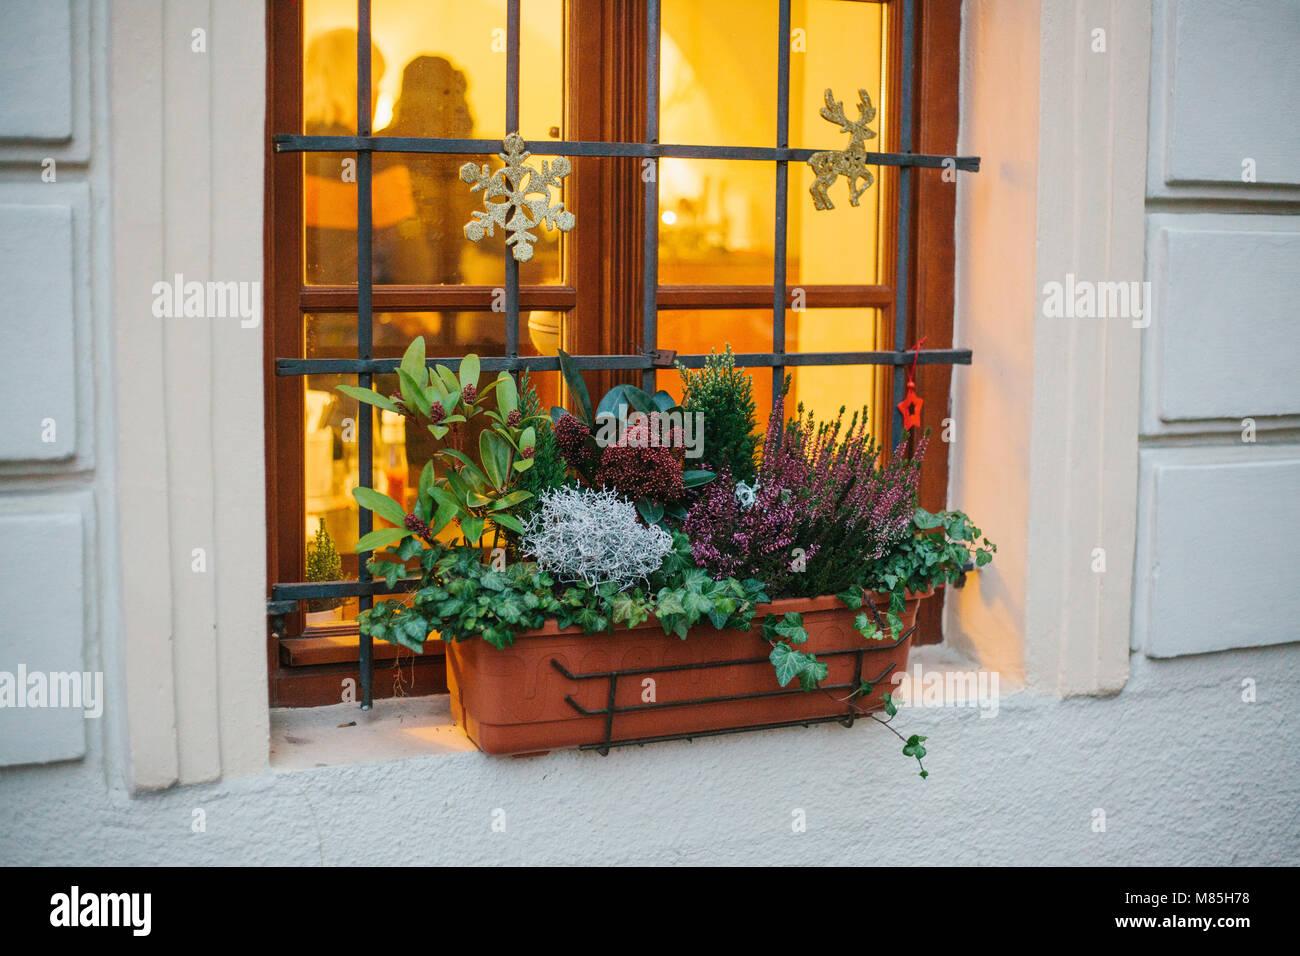 Etoile De Noel Plante Exterieur pot de belles plantes à l'extérieur de la chambre, fenêtre